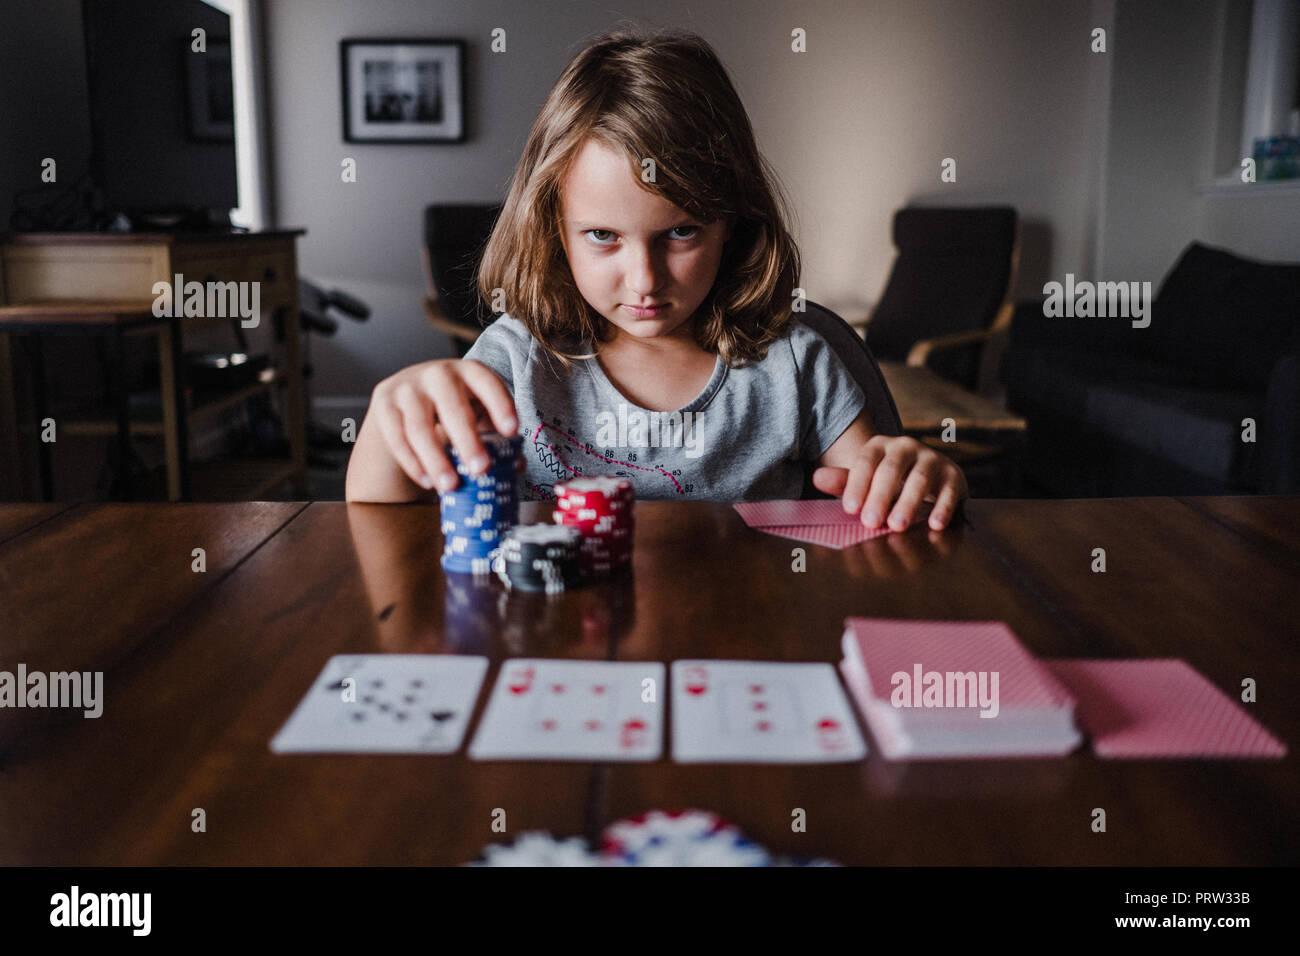 Ragazza con pila di fiches giocare a carte in tavola, ritratto Immagini Stock